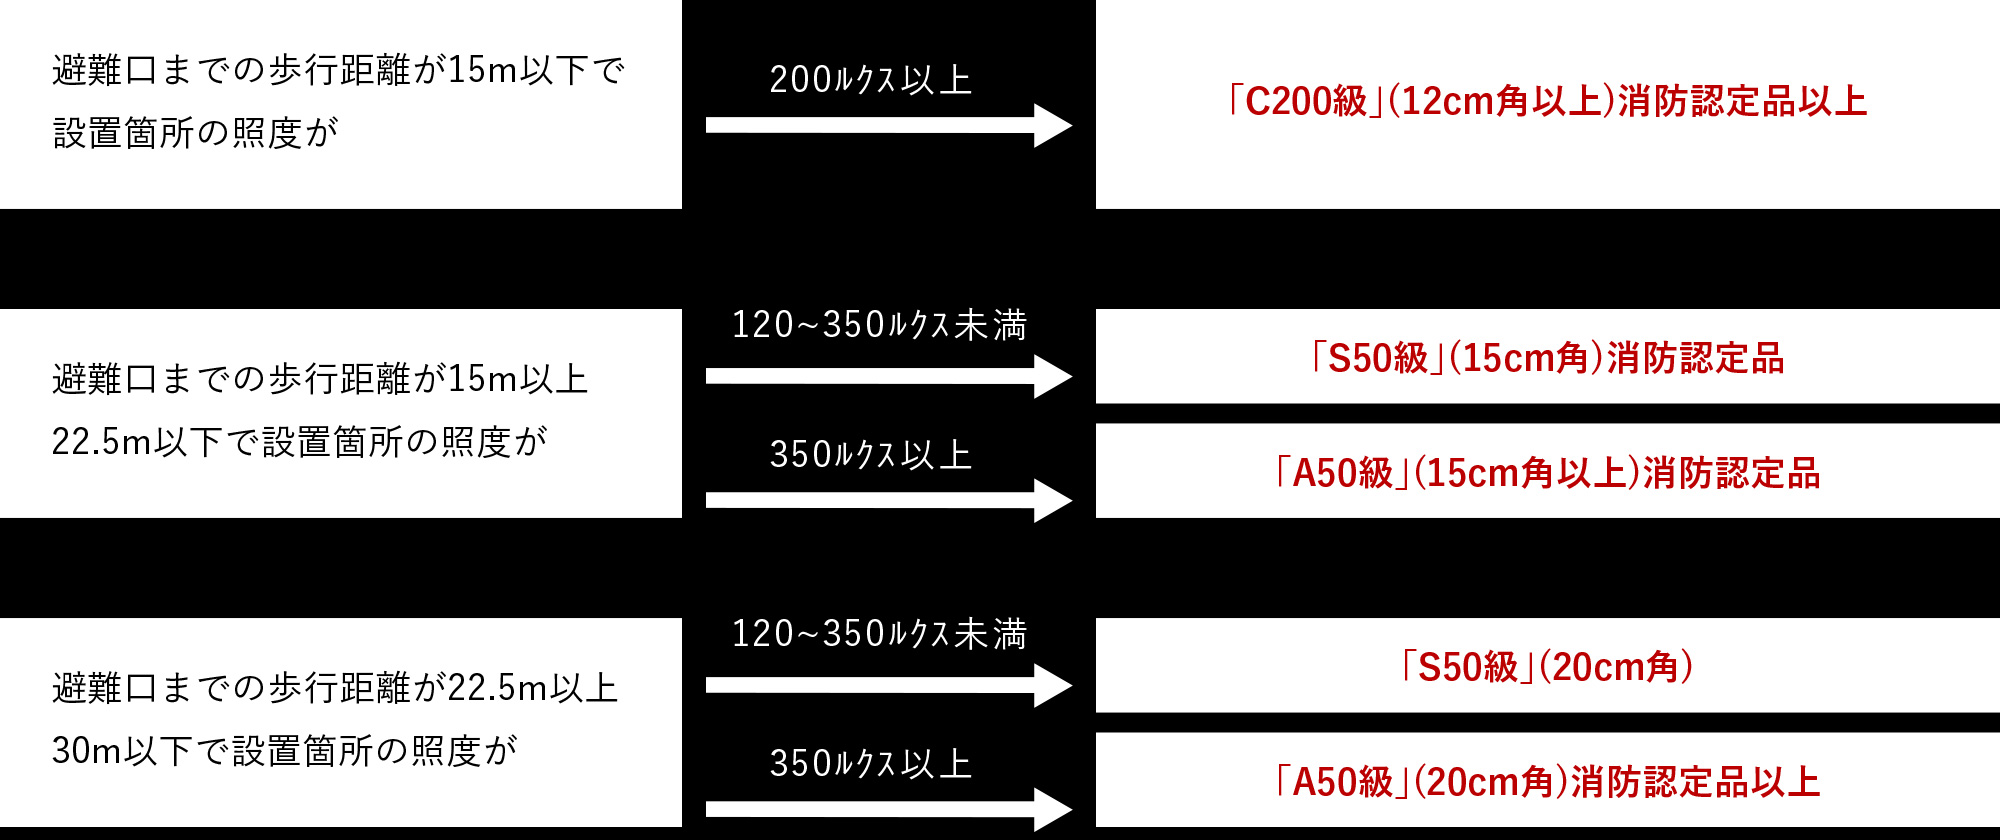 避難口までの歩行距離が15m以下で設置箇所の照度が200ルクス以上→「C200級」(12cm角以上)消防認定品以上 、避難口までの歩行距離が15m以上22.5m以下で設置箇所の照度が120~350ルクス未満→「S50級」(15cm角)消防認定品、350ルクス以上→「A50級」(15cm角以上)消防認定品 、避難口までの歩行距離が22.5m以上30m以下で設置箇所の照度が120~350ルクス未満→「S50級」(20cm角)、350ルクス以上→「A50級」(20cm角)消防認定品以上